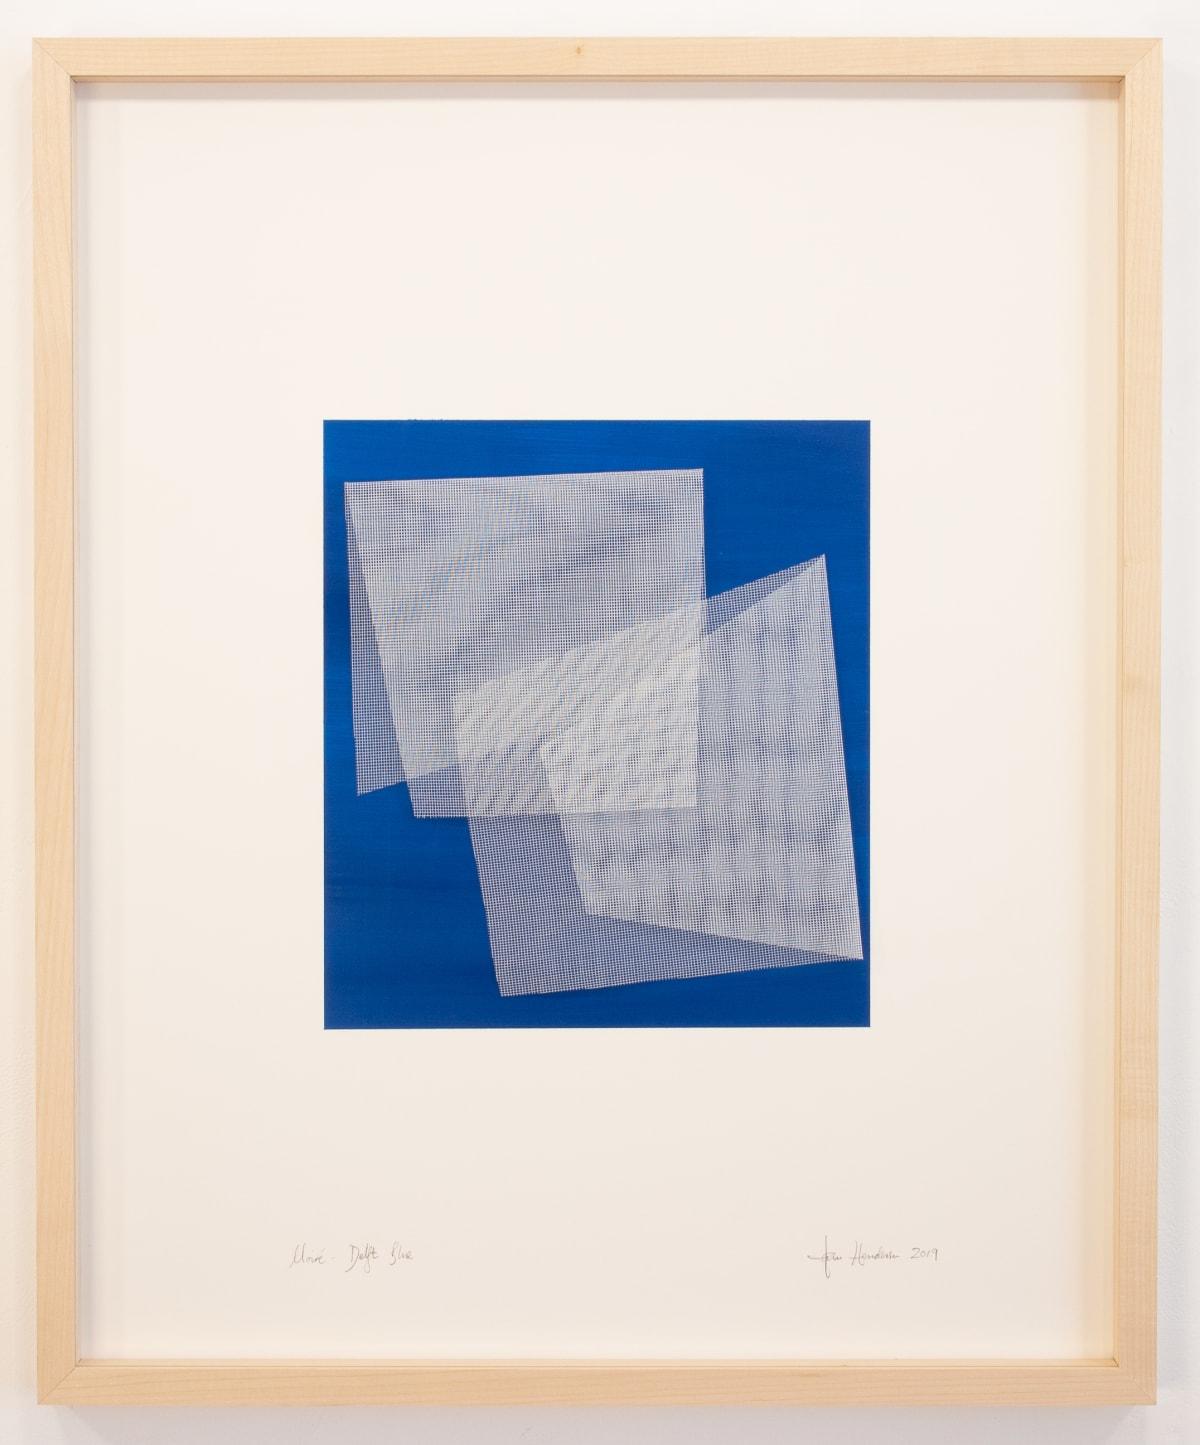 TOM HENDERSON, Moiré - Delft Blue, 2019